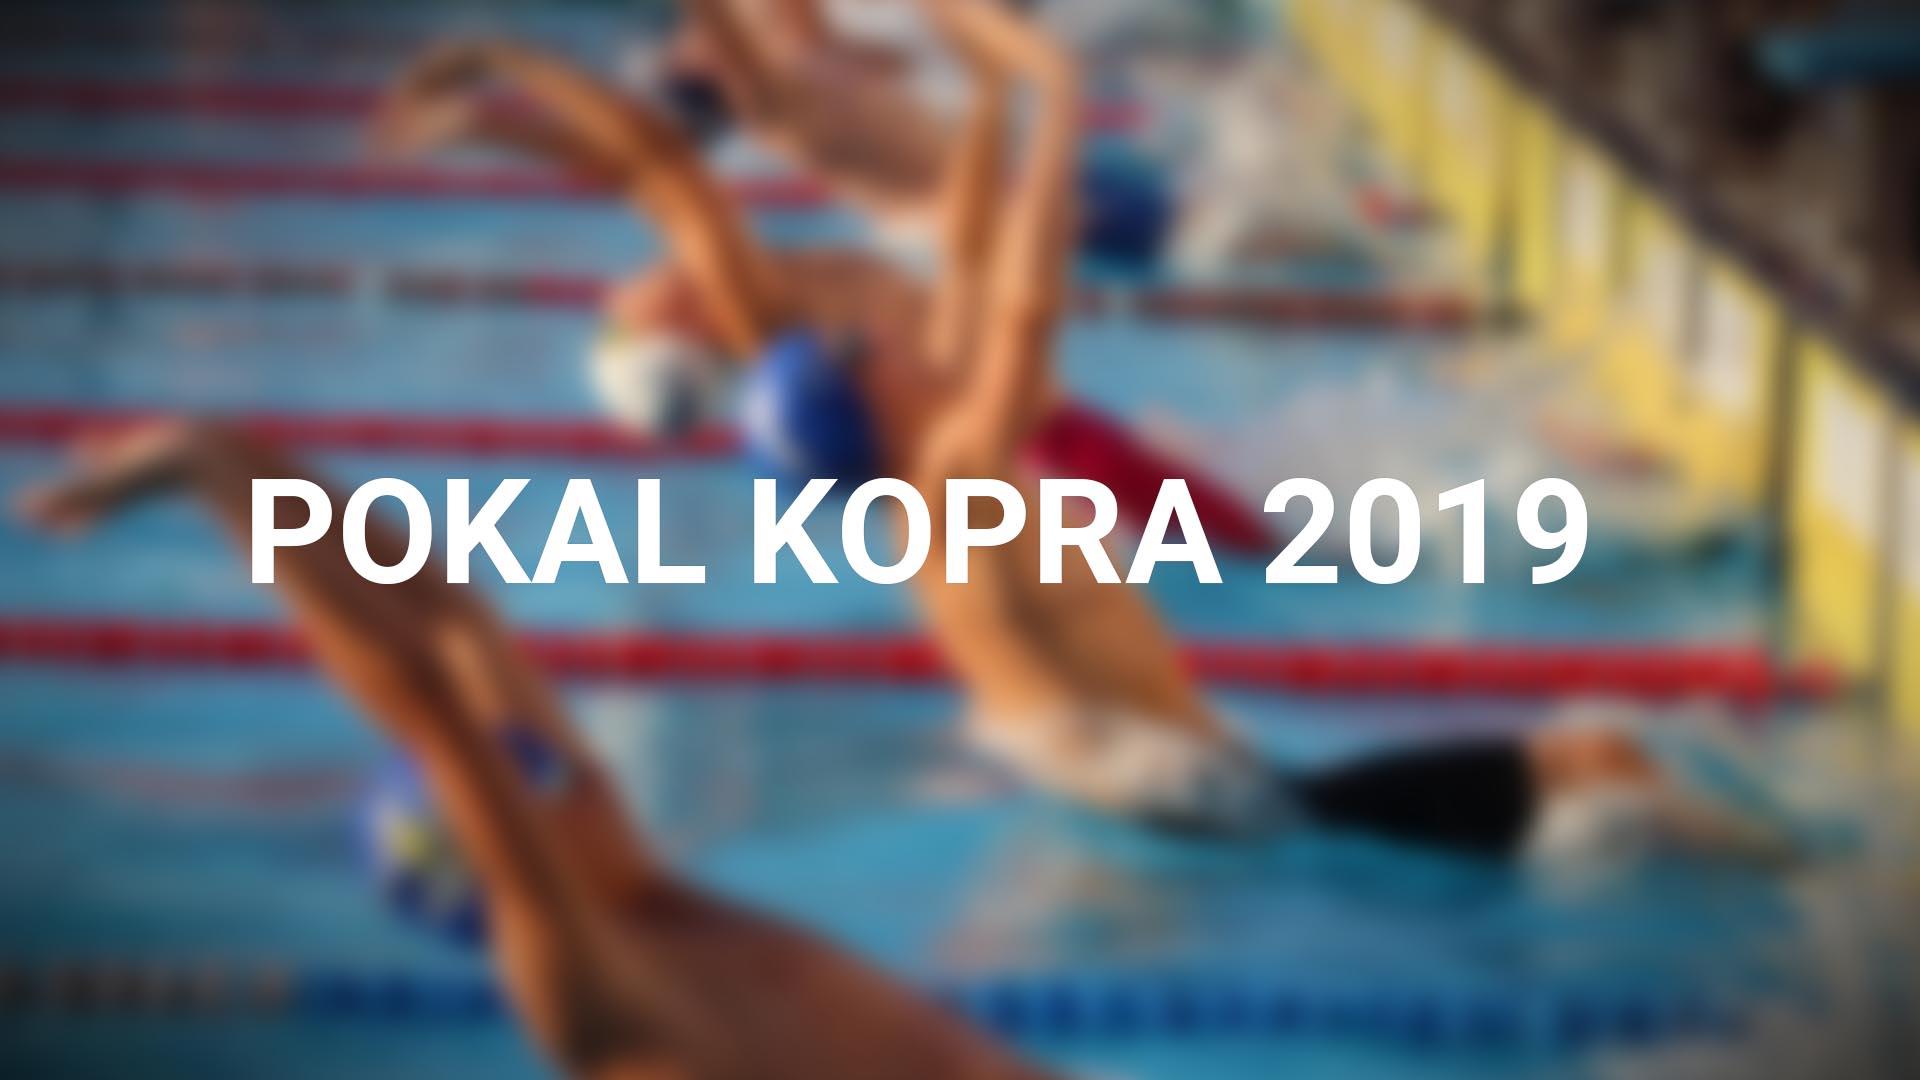 Pokal kopra 2019